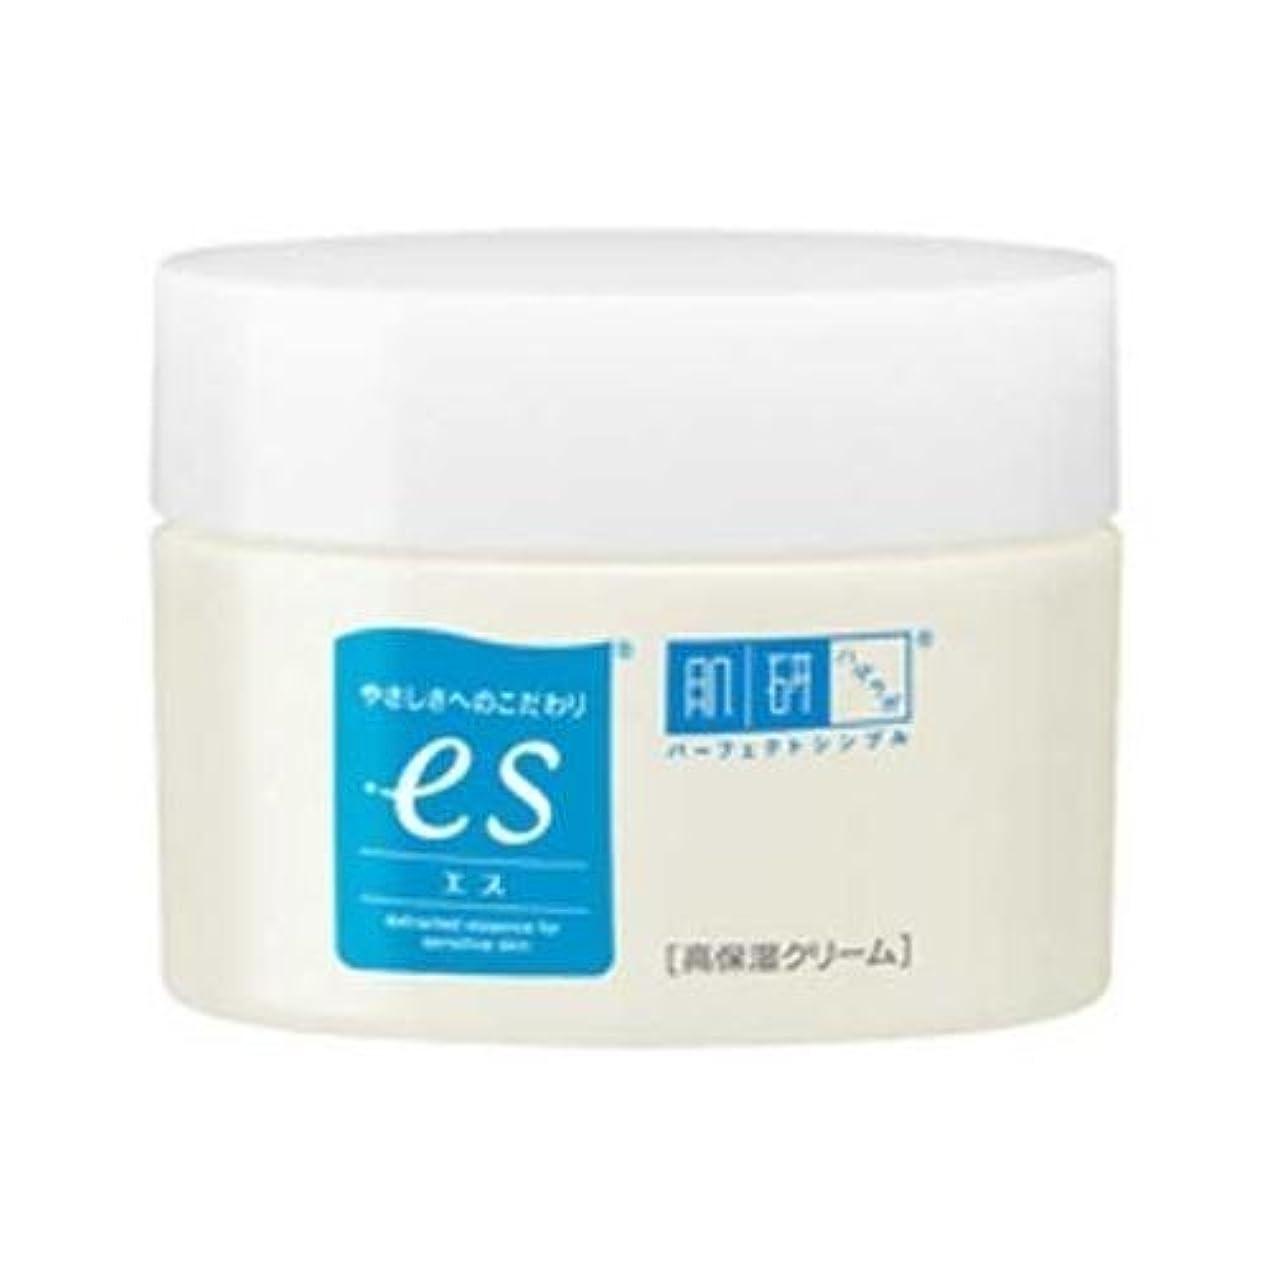 かみそりチューリップ伝染性の肌ラボ es(エス) ナノ化ミネラルヒアルロン酸配合 無添加処方 高保湿クリーム 50g